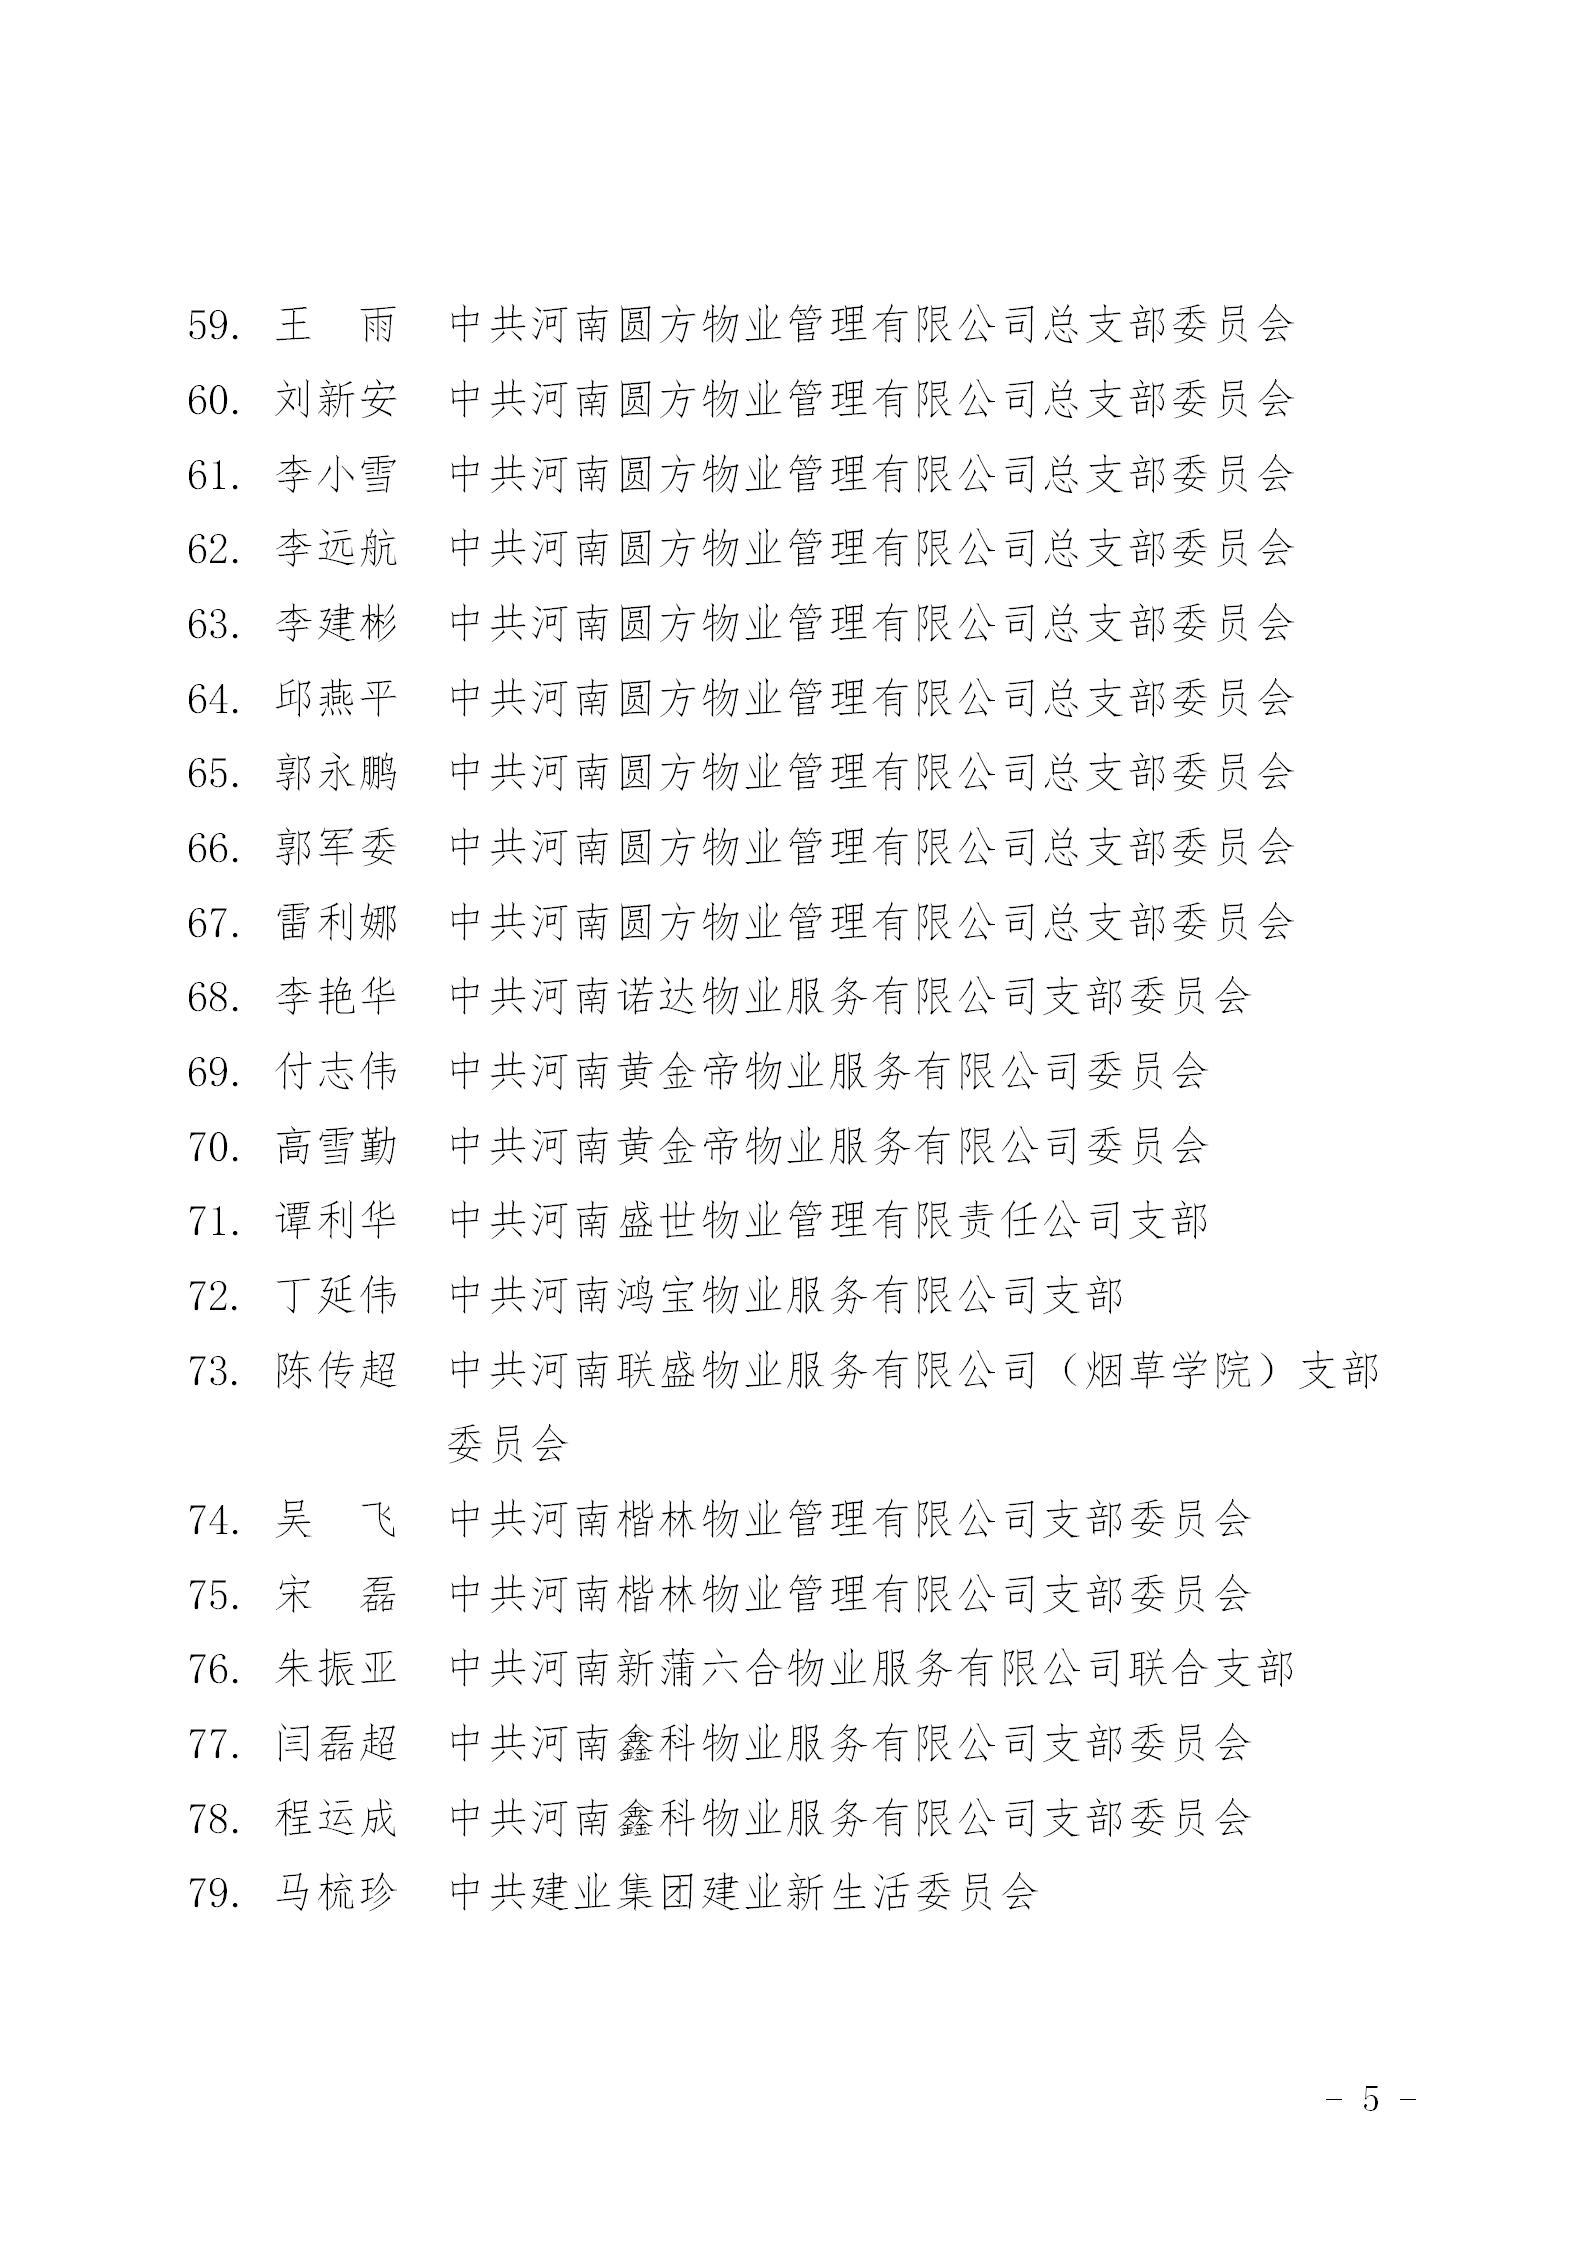 郑物行2021年03号文-决定_05.jpg